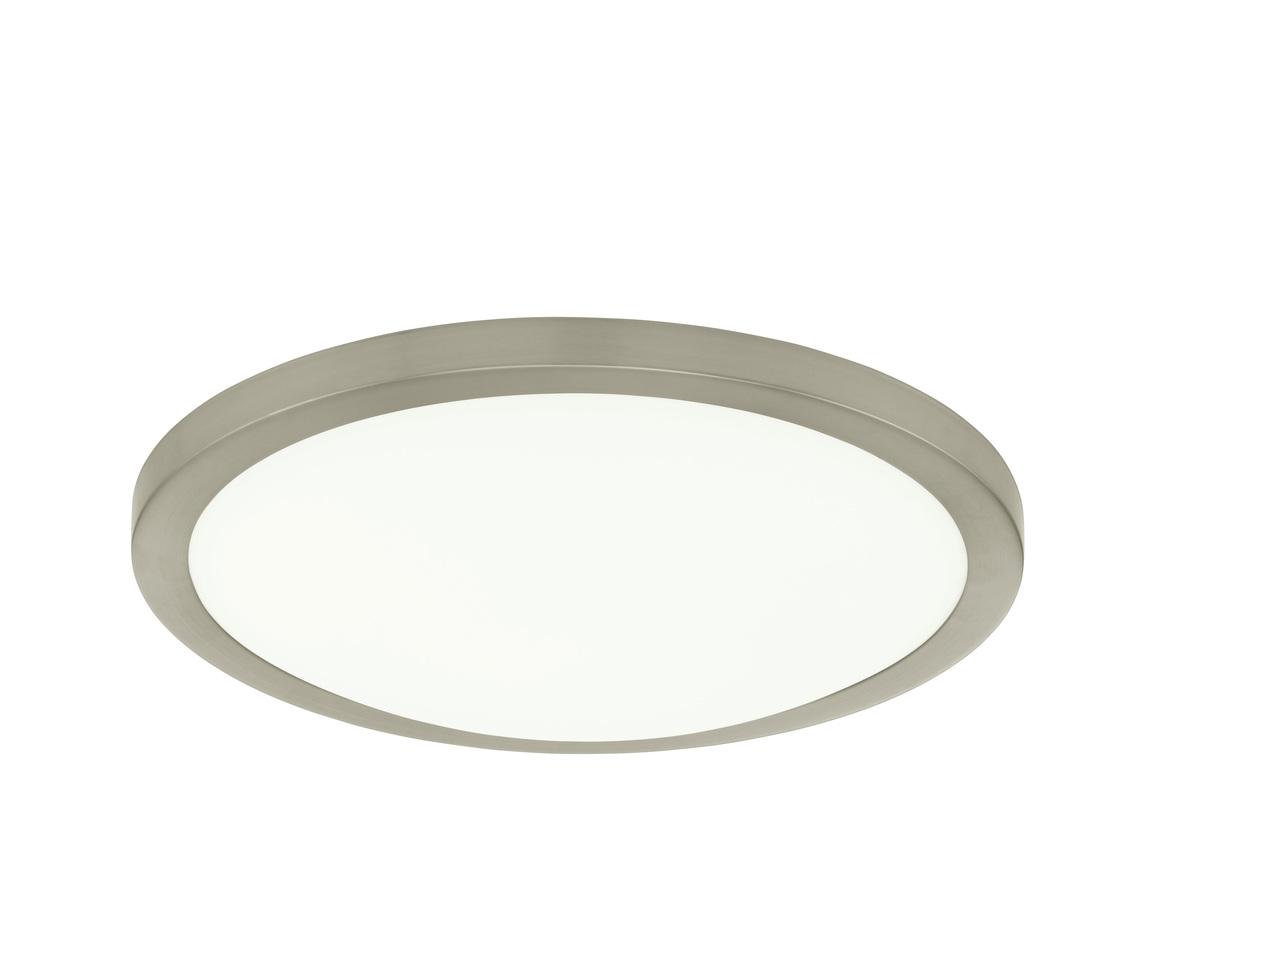 eglo-led-deckenleuchte-led-arezzo-metallisch-wei-glas-metall-91854